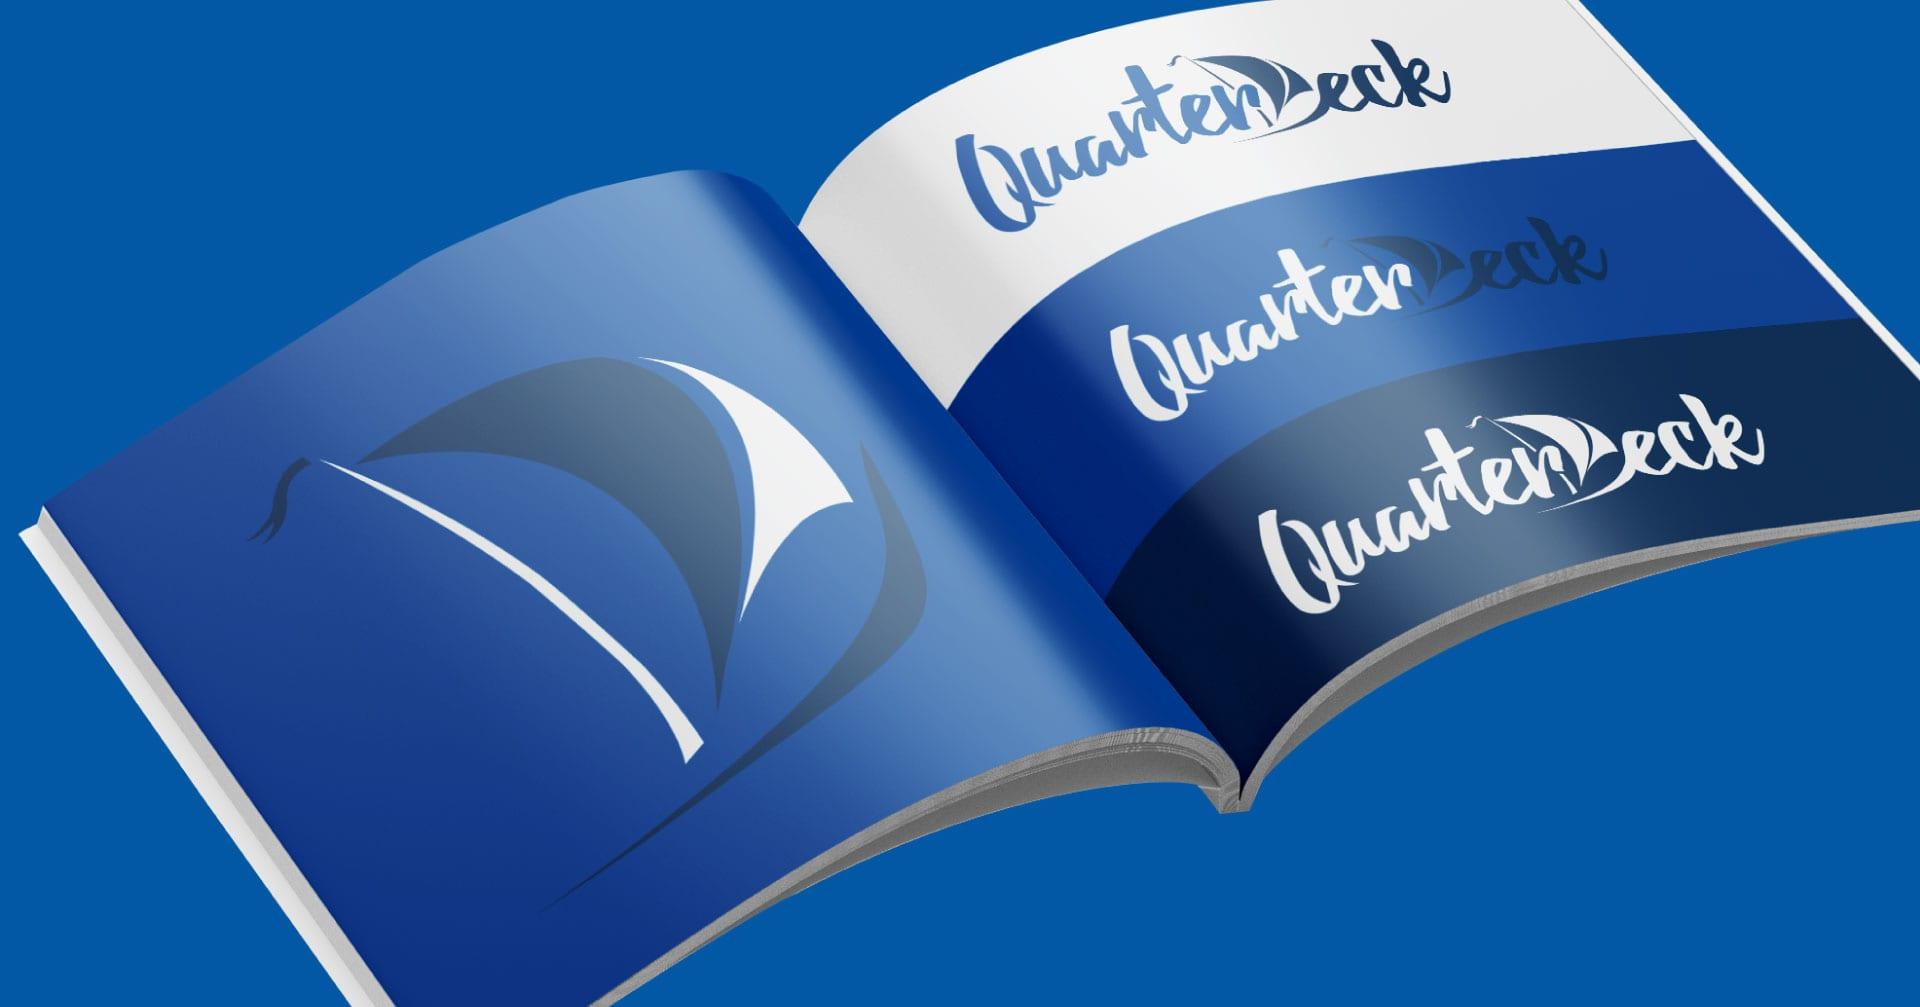 Quarter-Deck